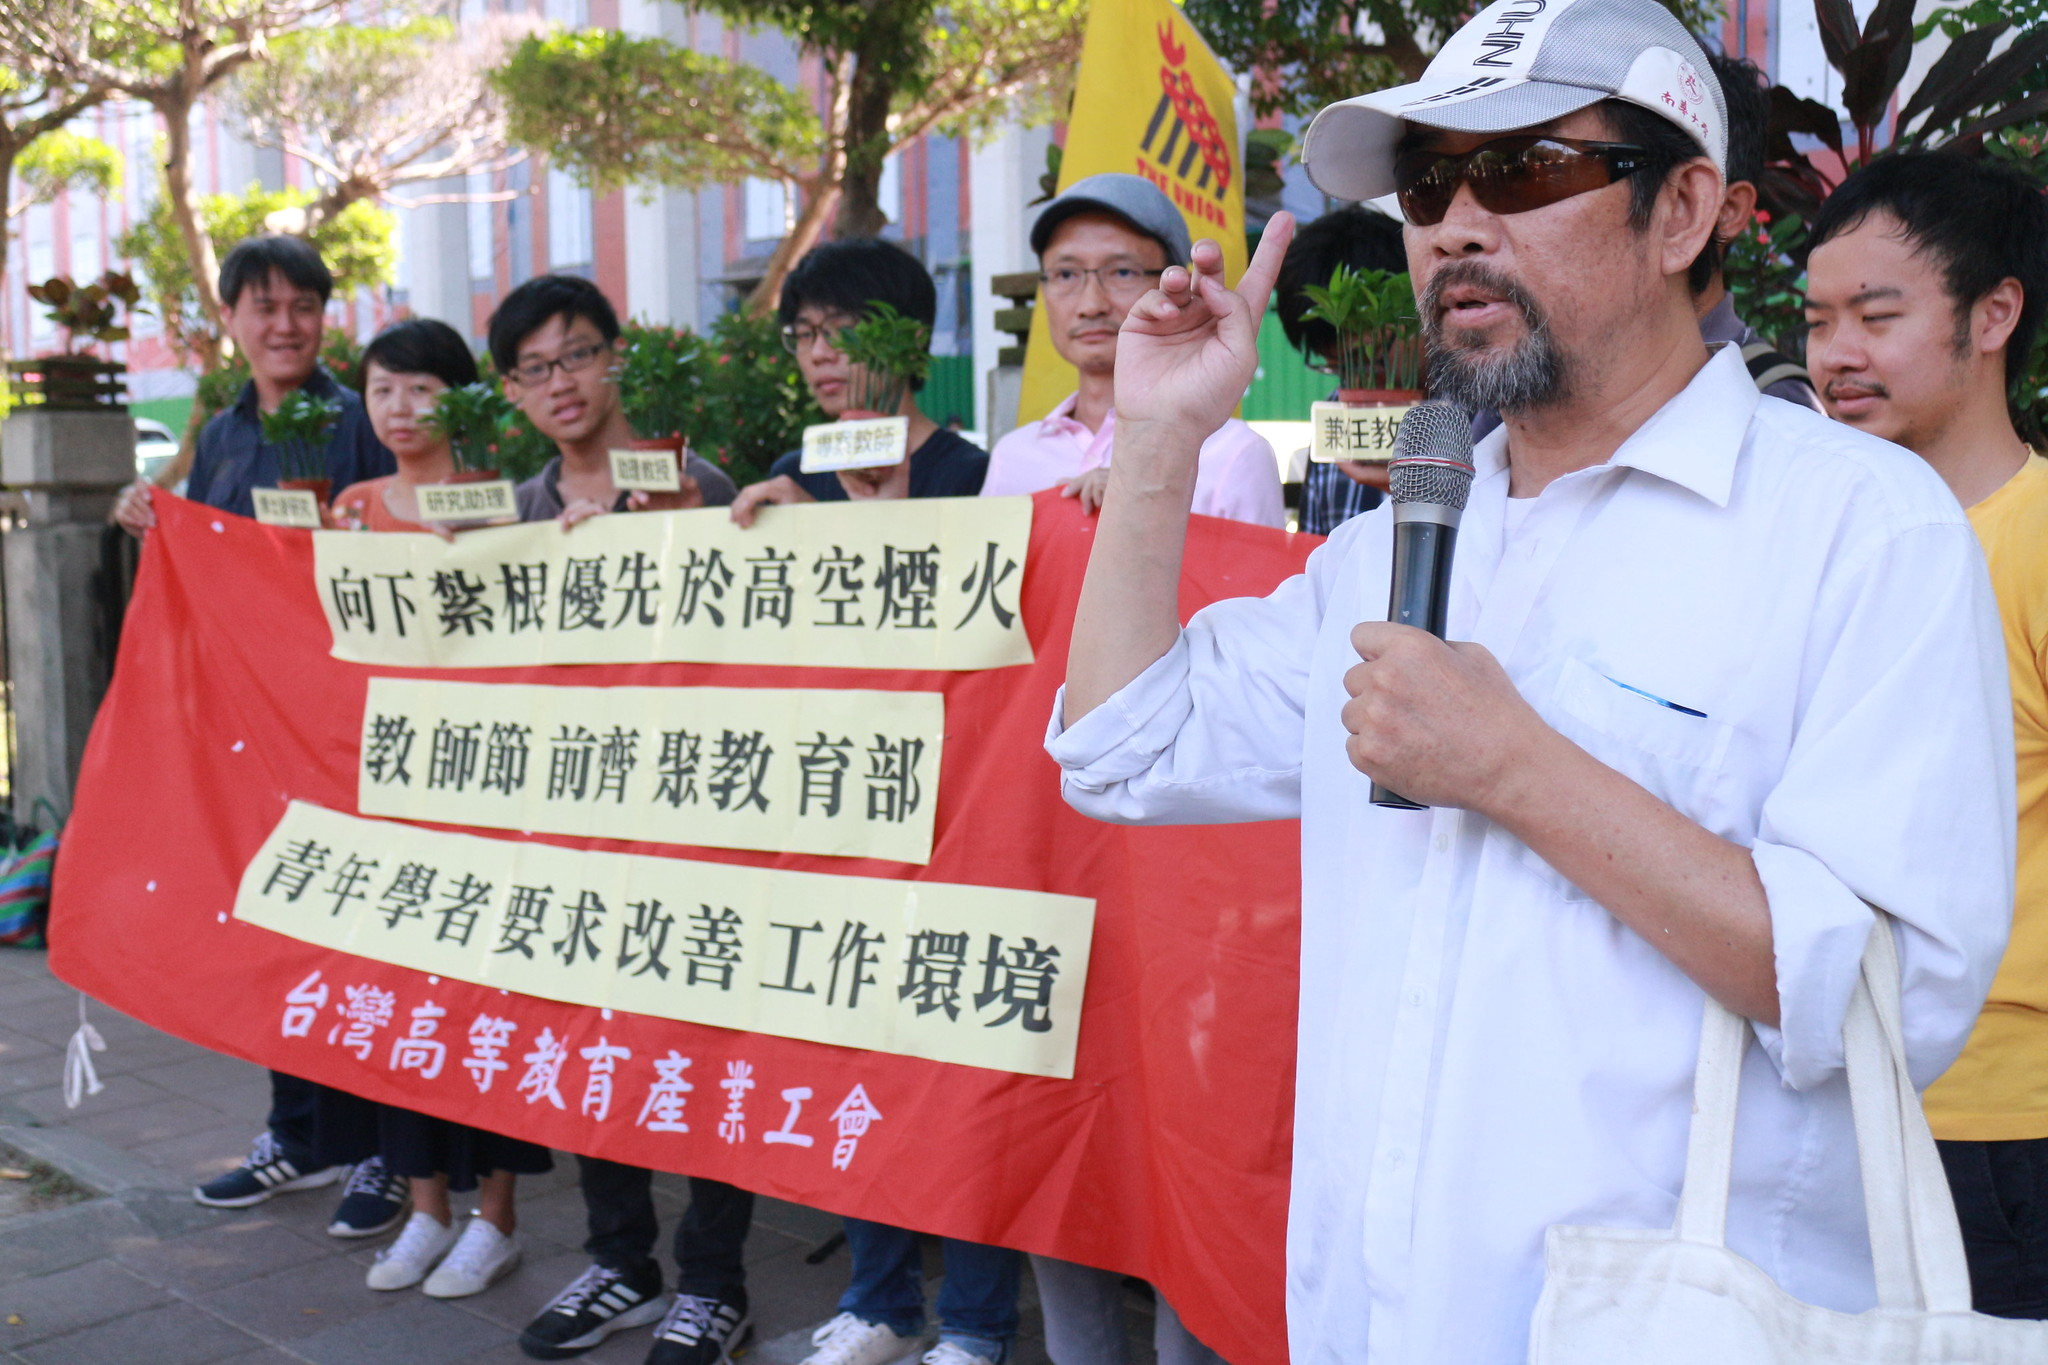 高教工會今日召開記者會,工會理事直批教育部的青年學者養成計畫是「大而無當的煙火秀」。(高教工會提供)